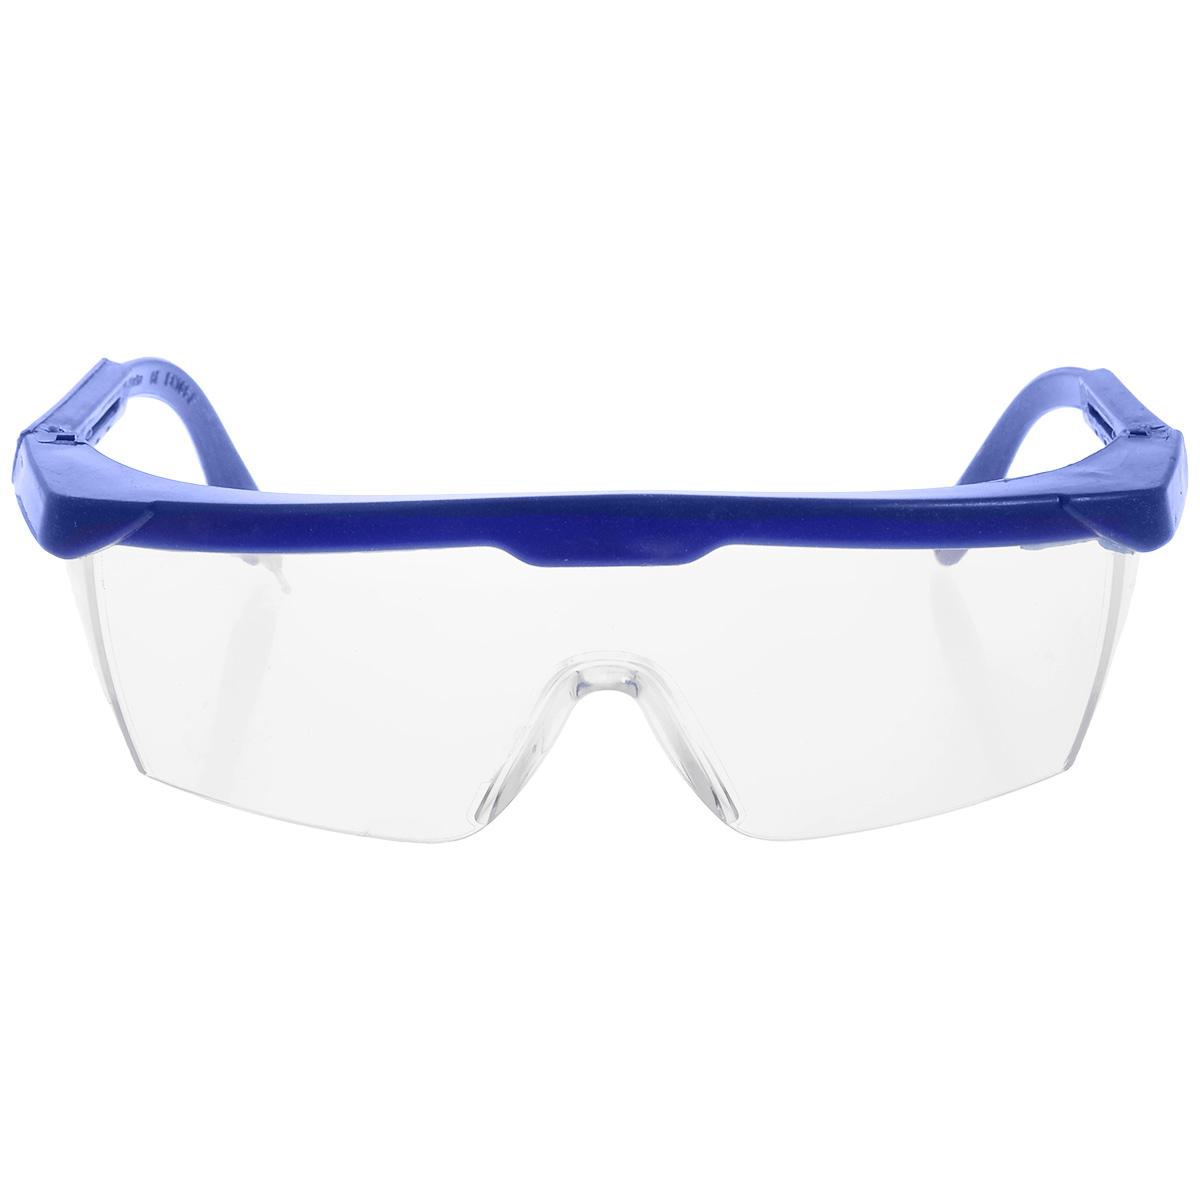 Защитные очки Mioshi Army, для игр с гелевыми шарикамиMAR1105-004Защитные очки Mioshi Army обеспечат дополнительную безопасность при игре с гелевыми шариками. Они выполнены в ярком дизайне из безопасных и прочных материалов. УВАЖАЕМЫЕ КЛИЕНТЫ! Товар поставляется в цветовом ассортименте. Поставка осуществляется в зависимости от наличия на складе.